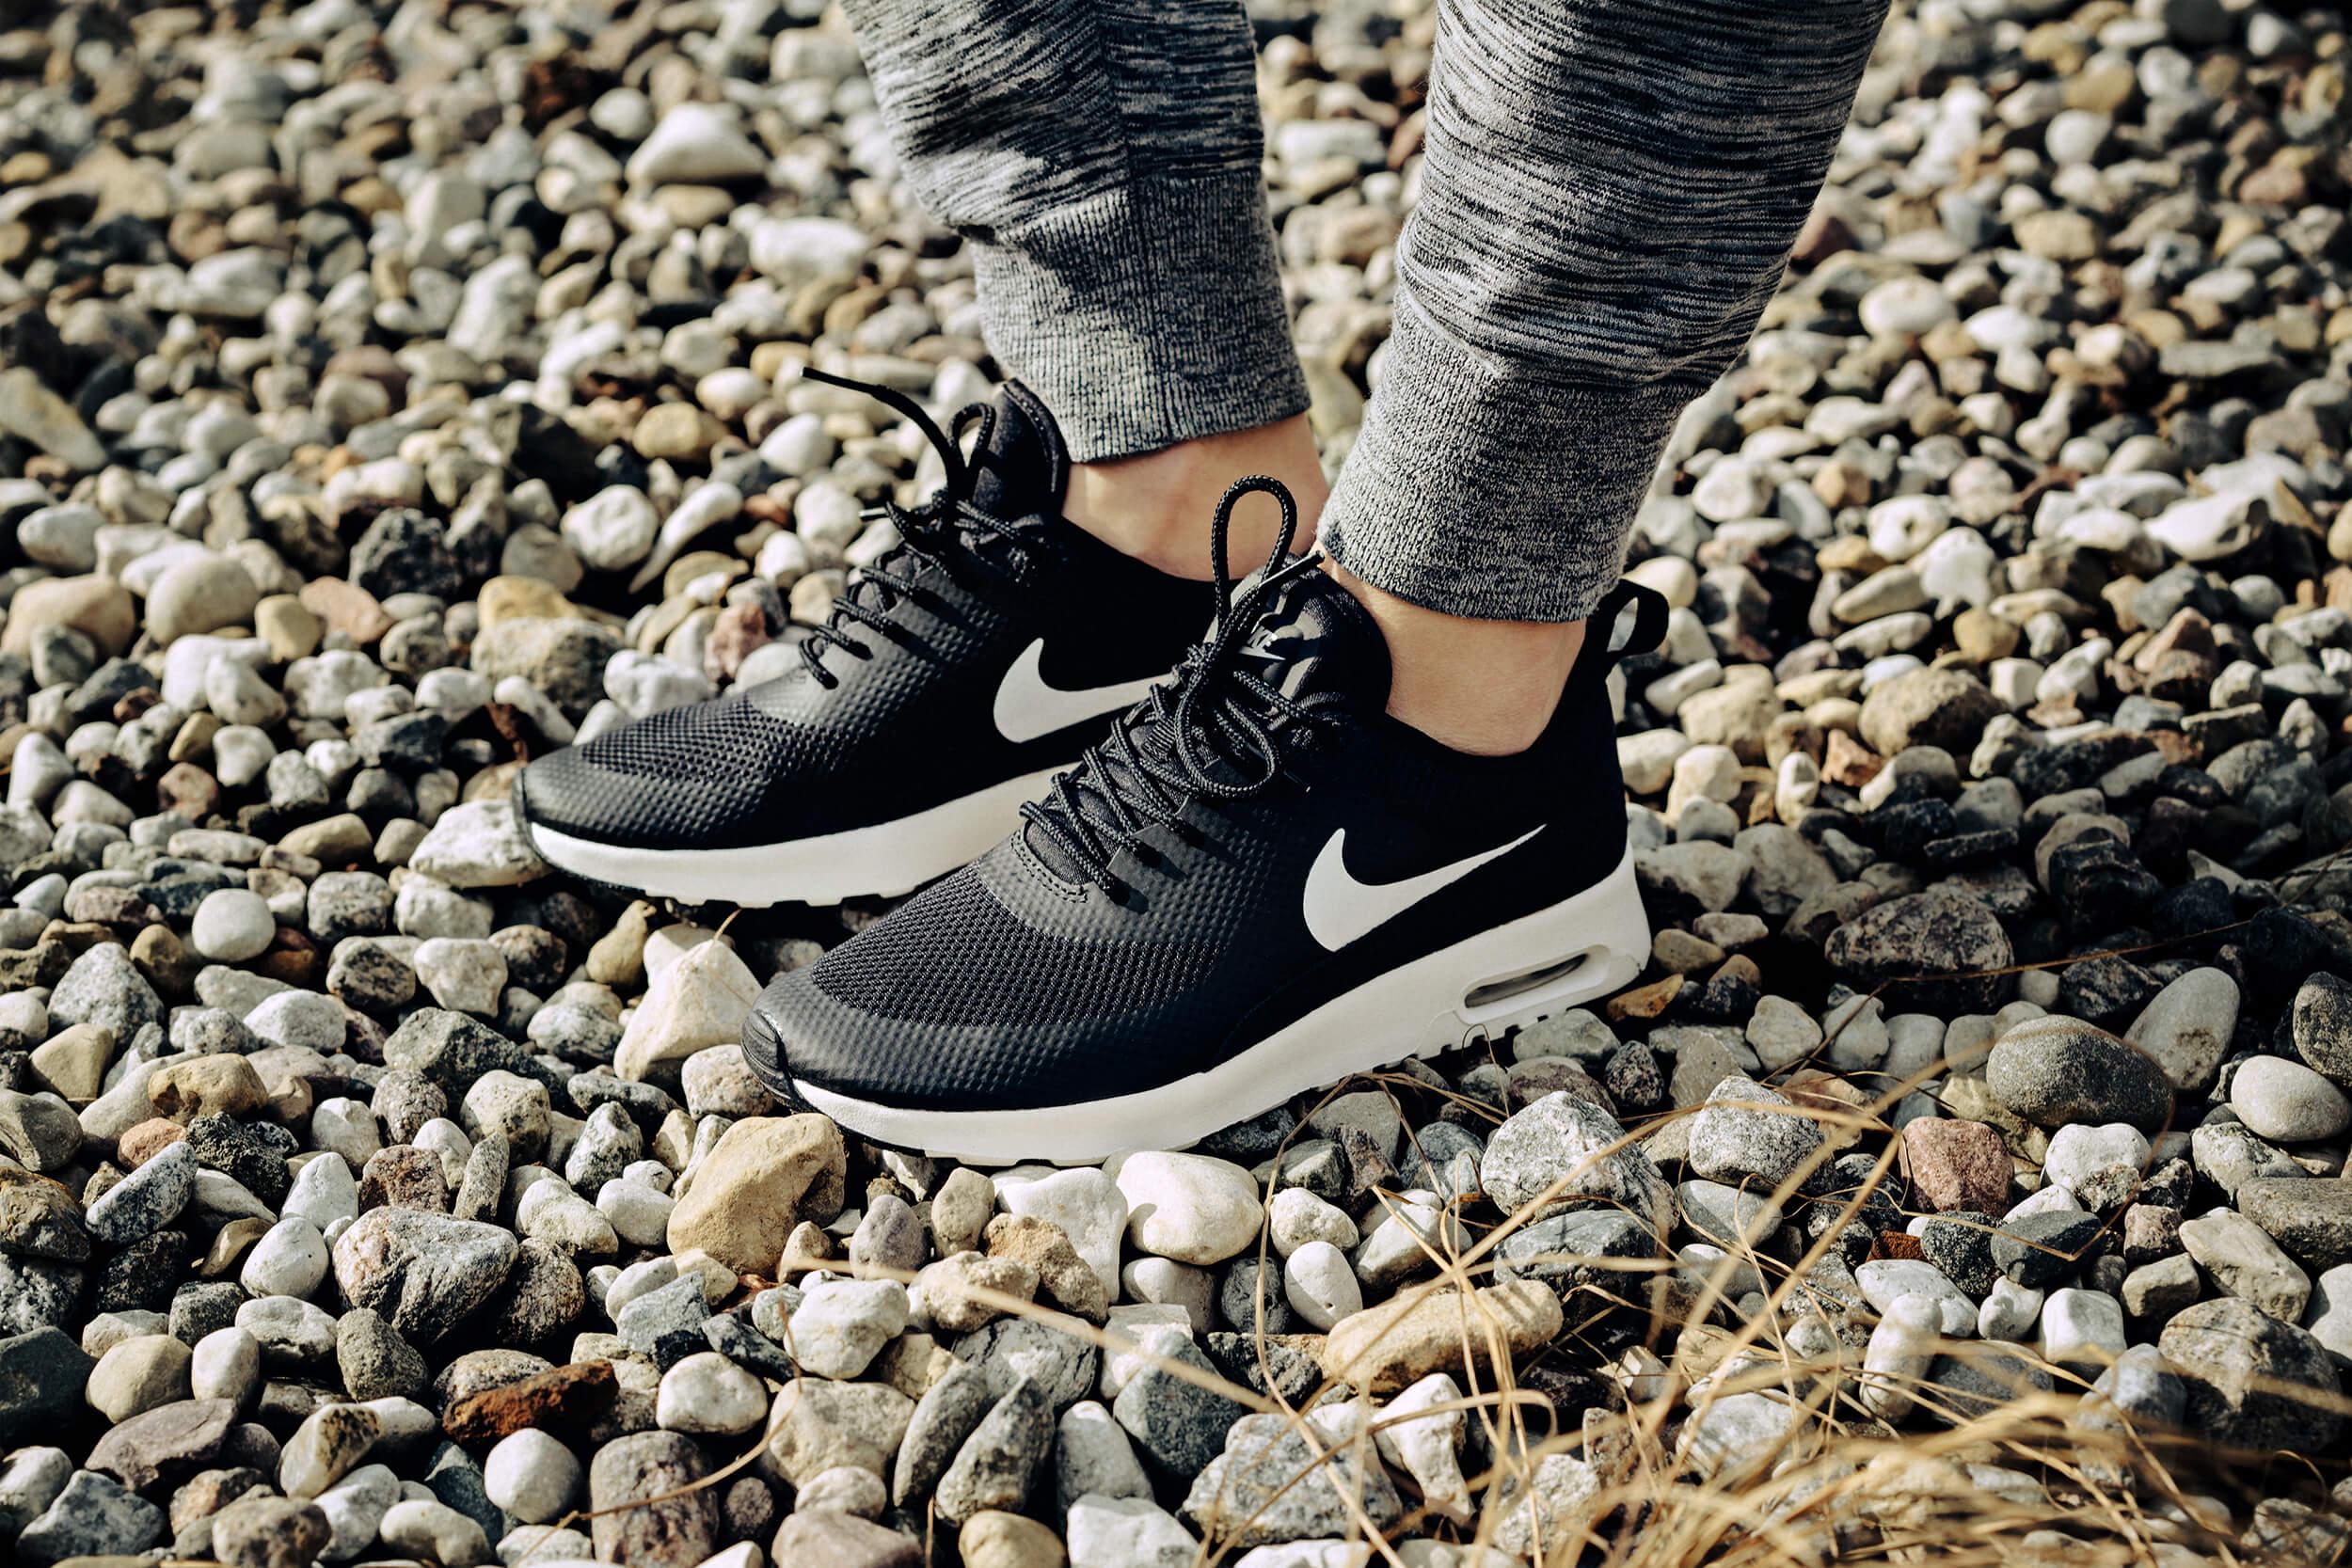 30 let Nike Air Max slavíme novou kolekcí legendárních bot